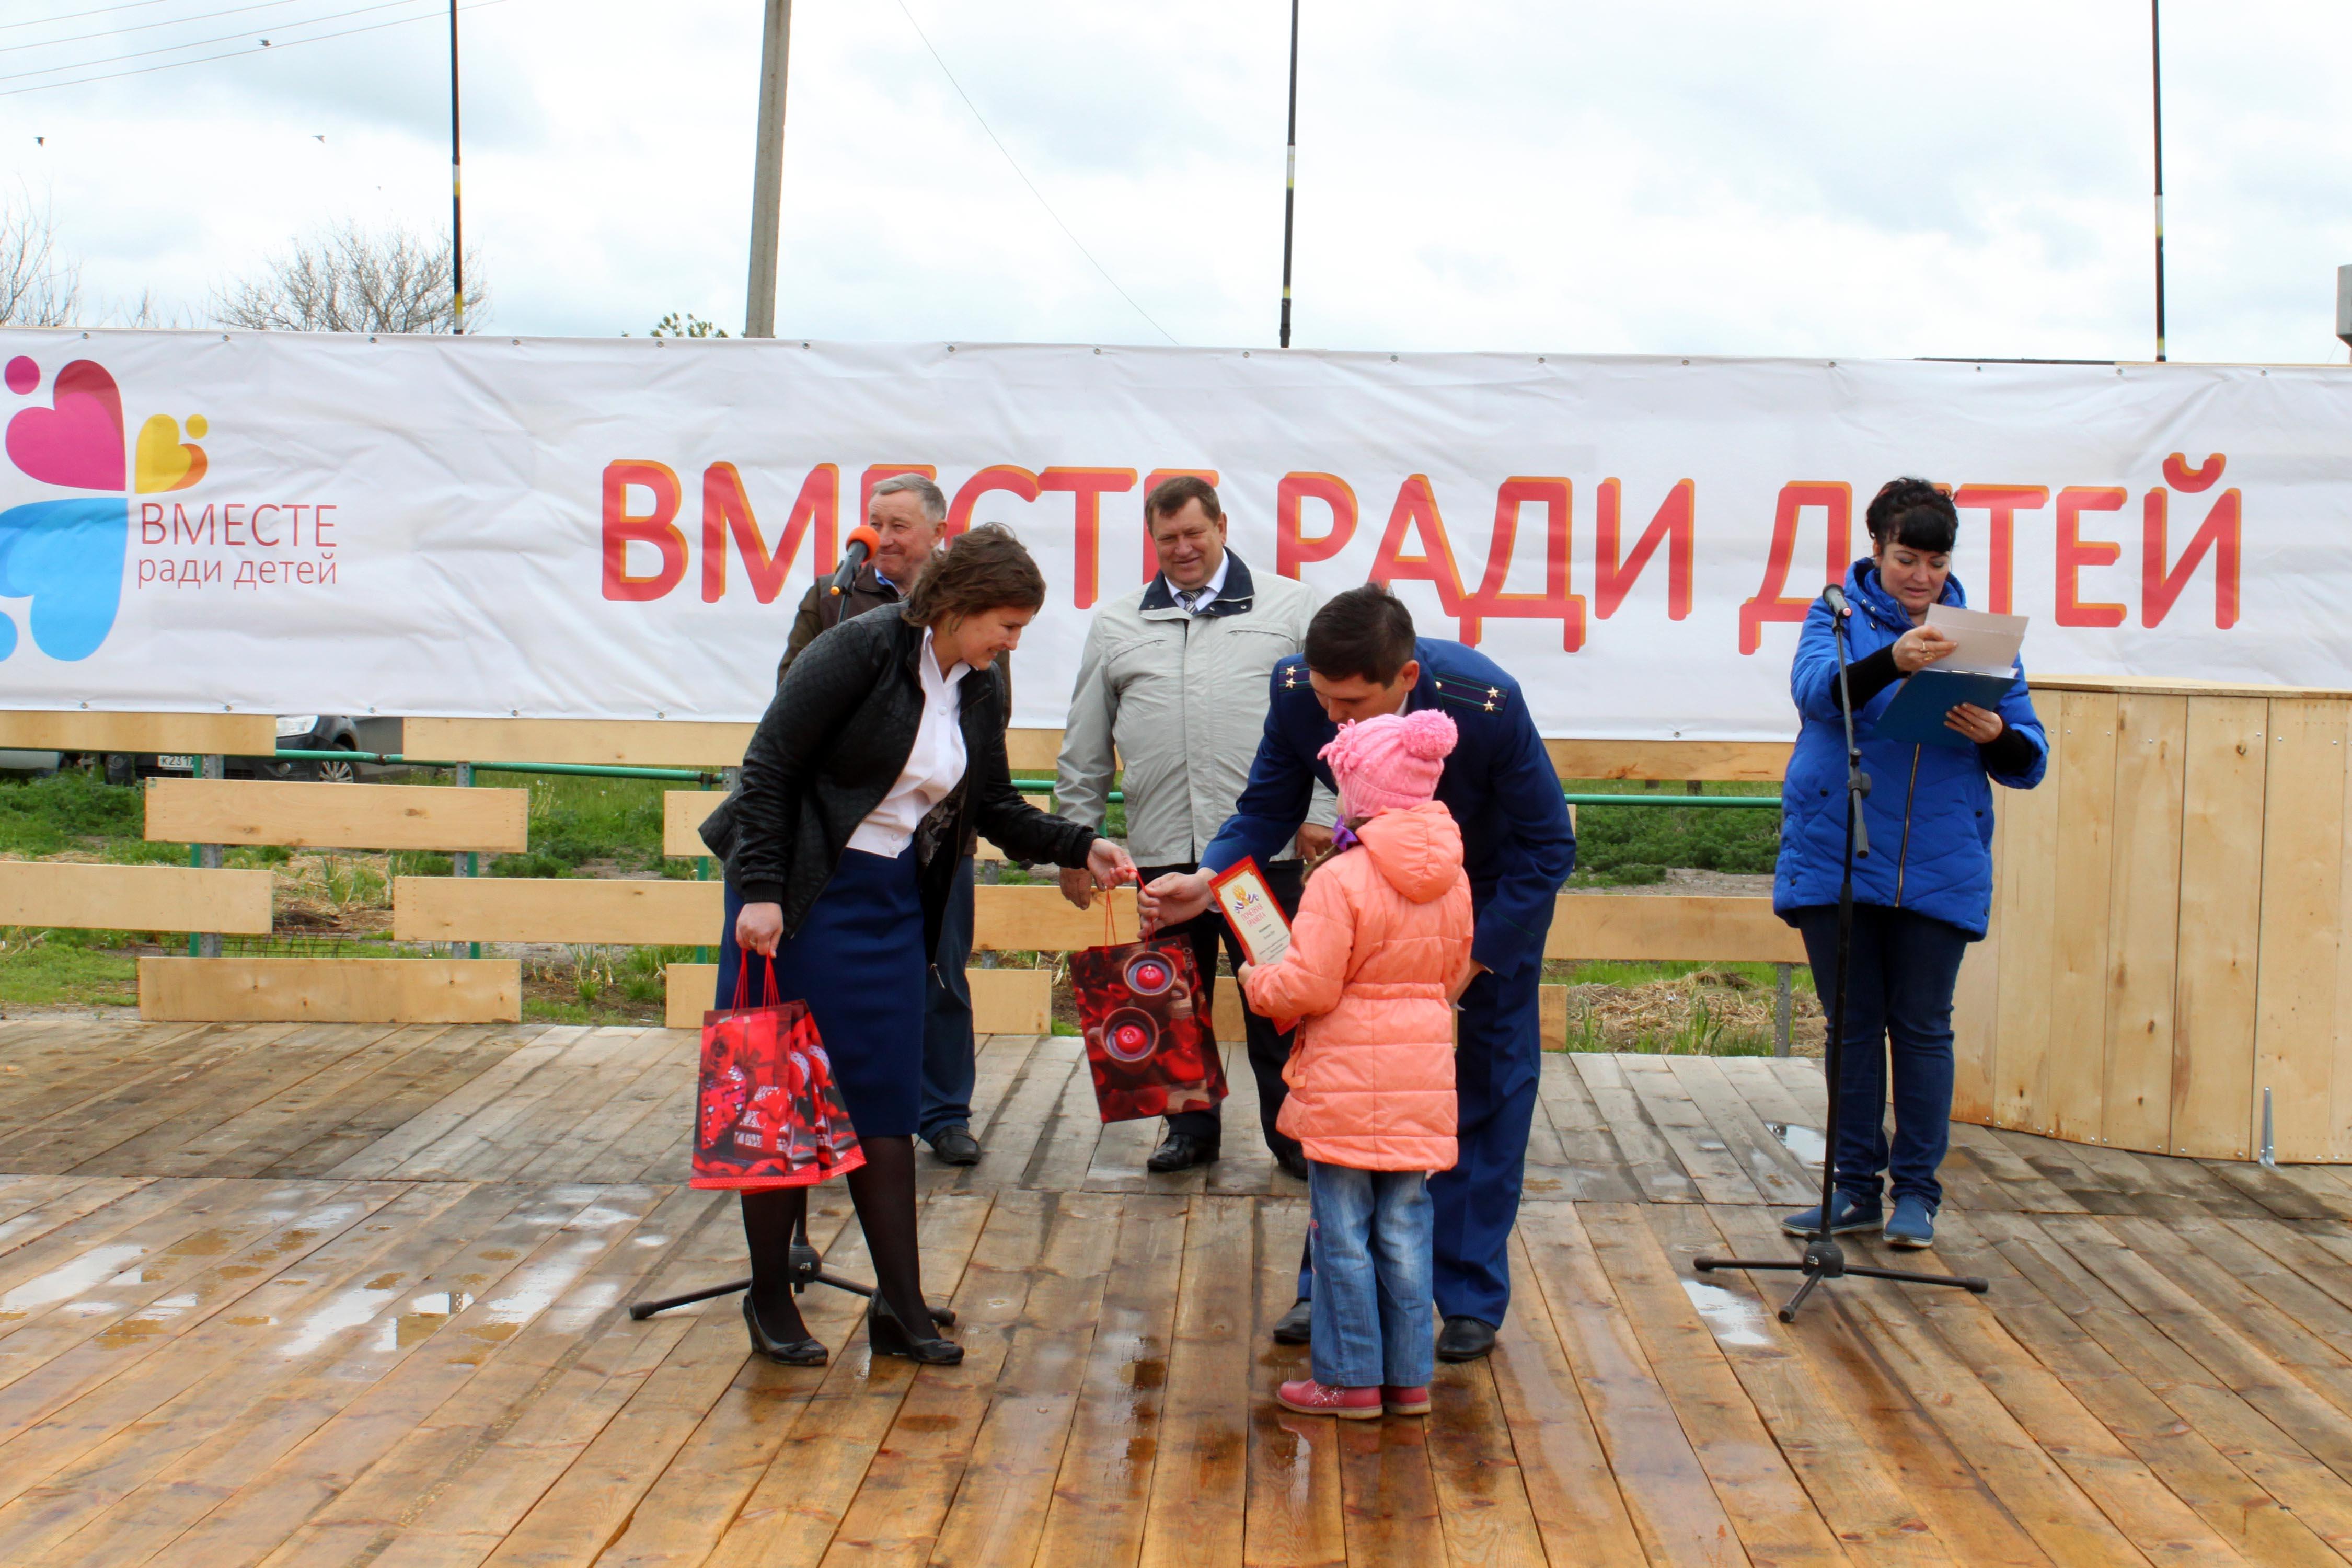 """Фото с мероприятия """"Вместе ради детей"""", г. Лебедянь, 28 мая 2017 г."""